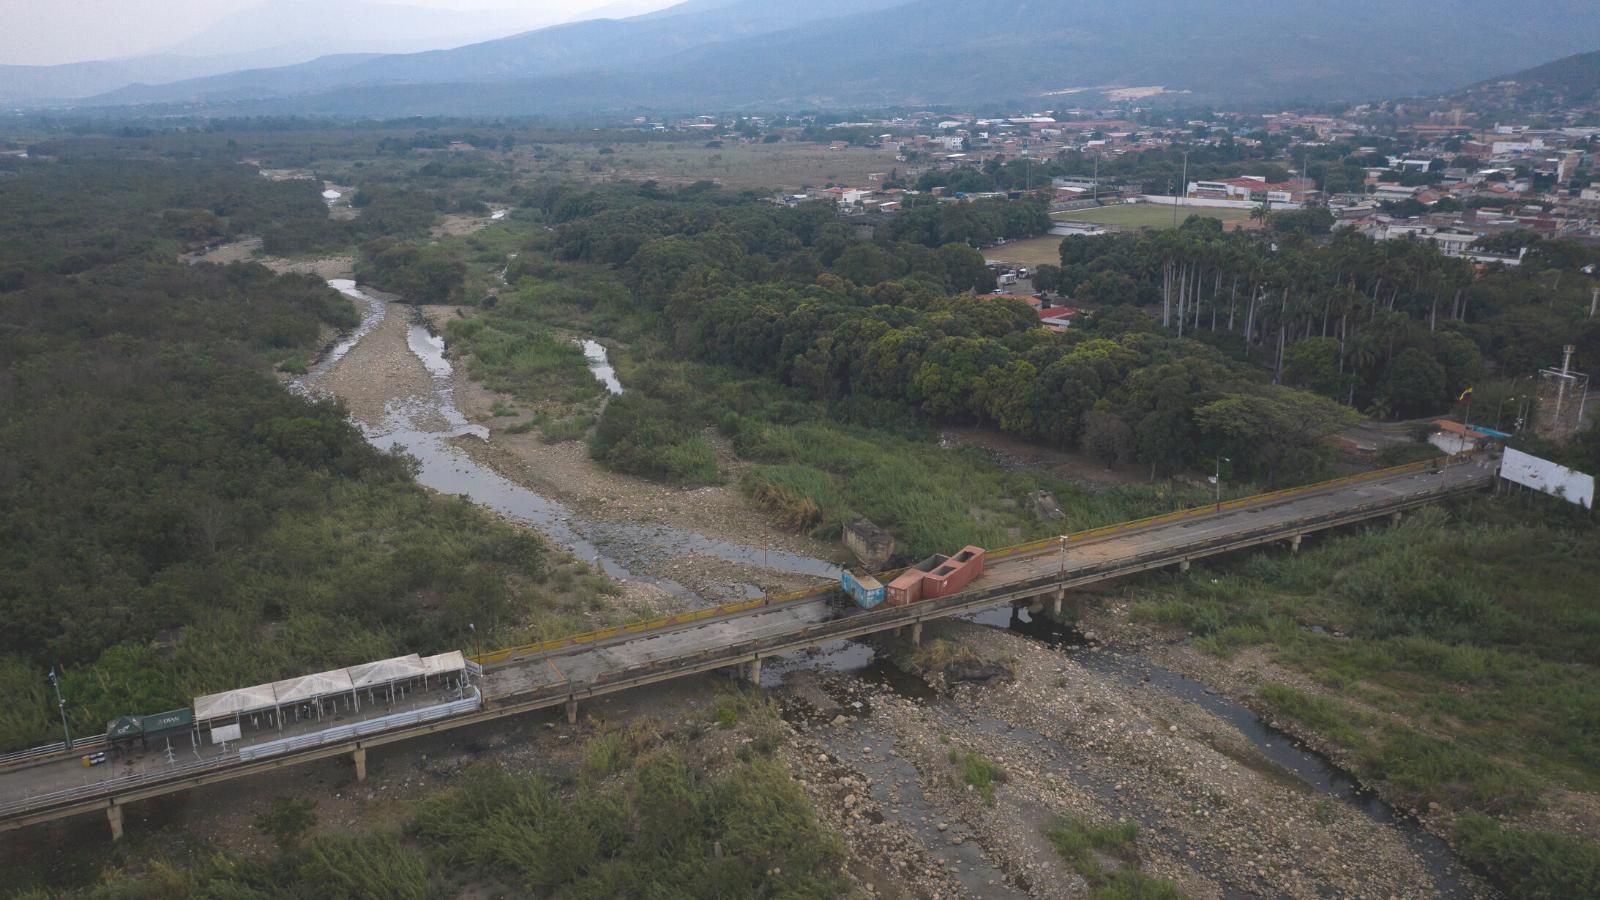 Alcalde de Cúcuta le pide al presidente que abra la frontera con Venezuela